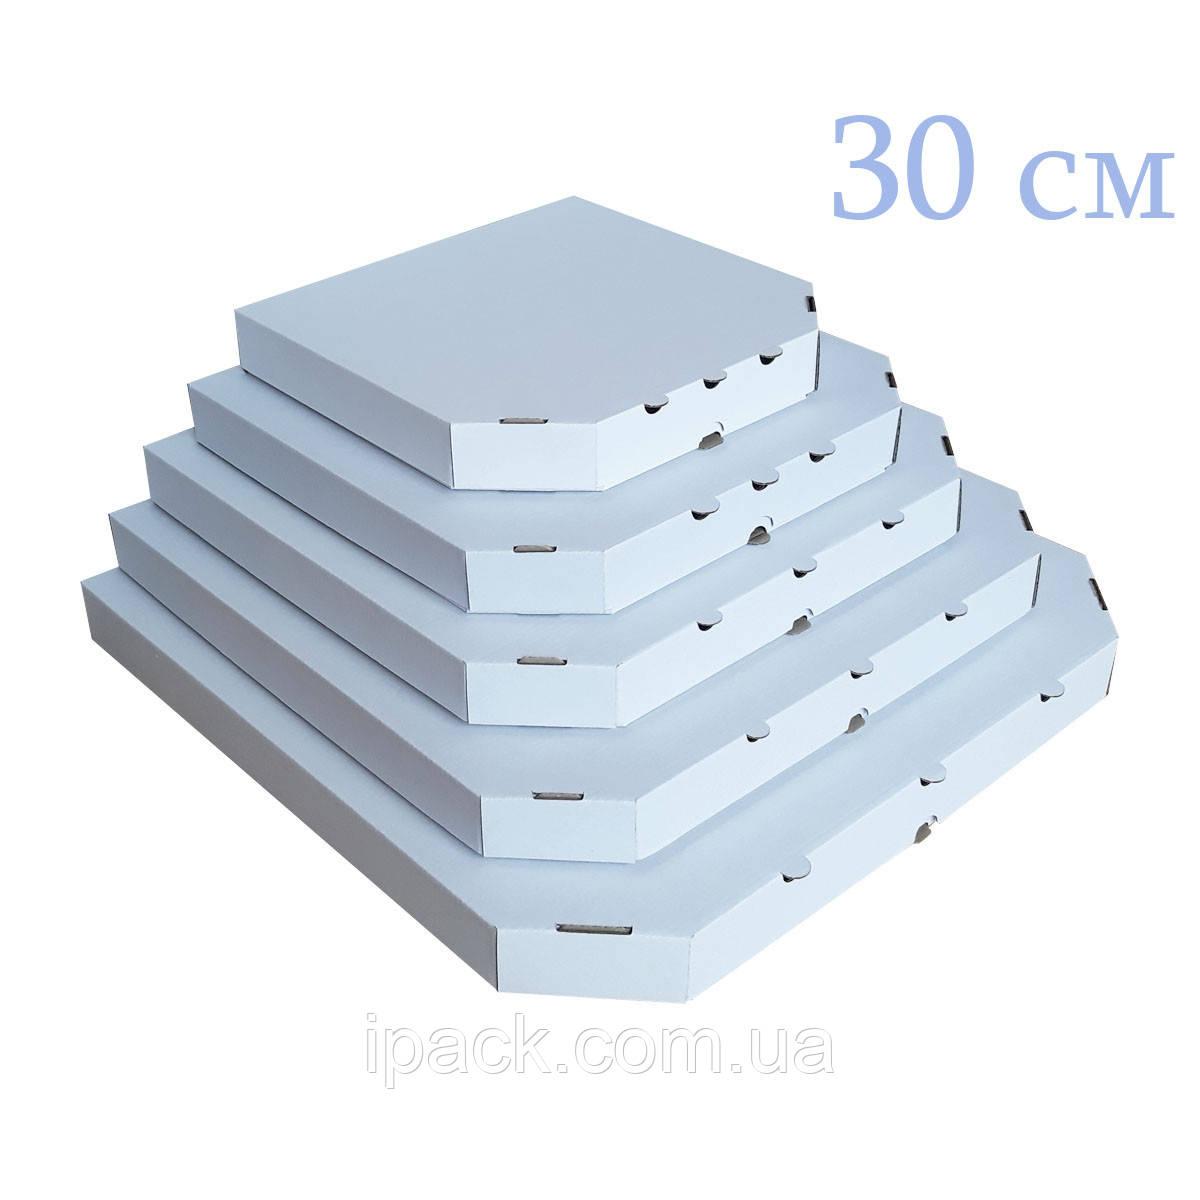 Коробка для пиццы, 30 см белая, 300*300*35, мм